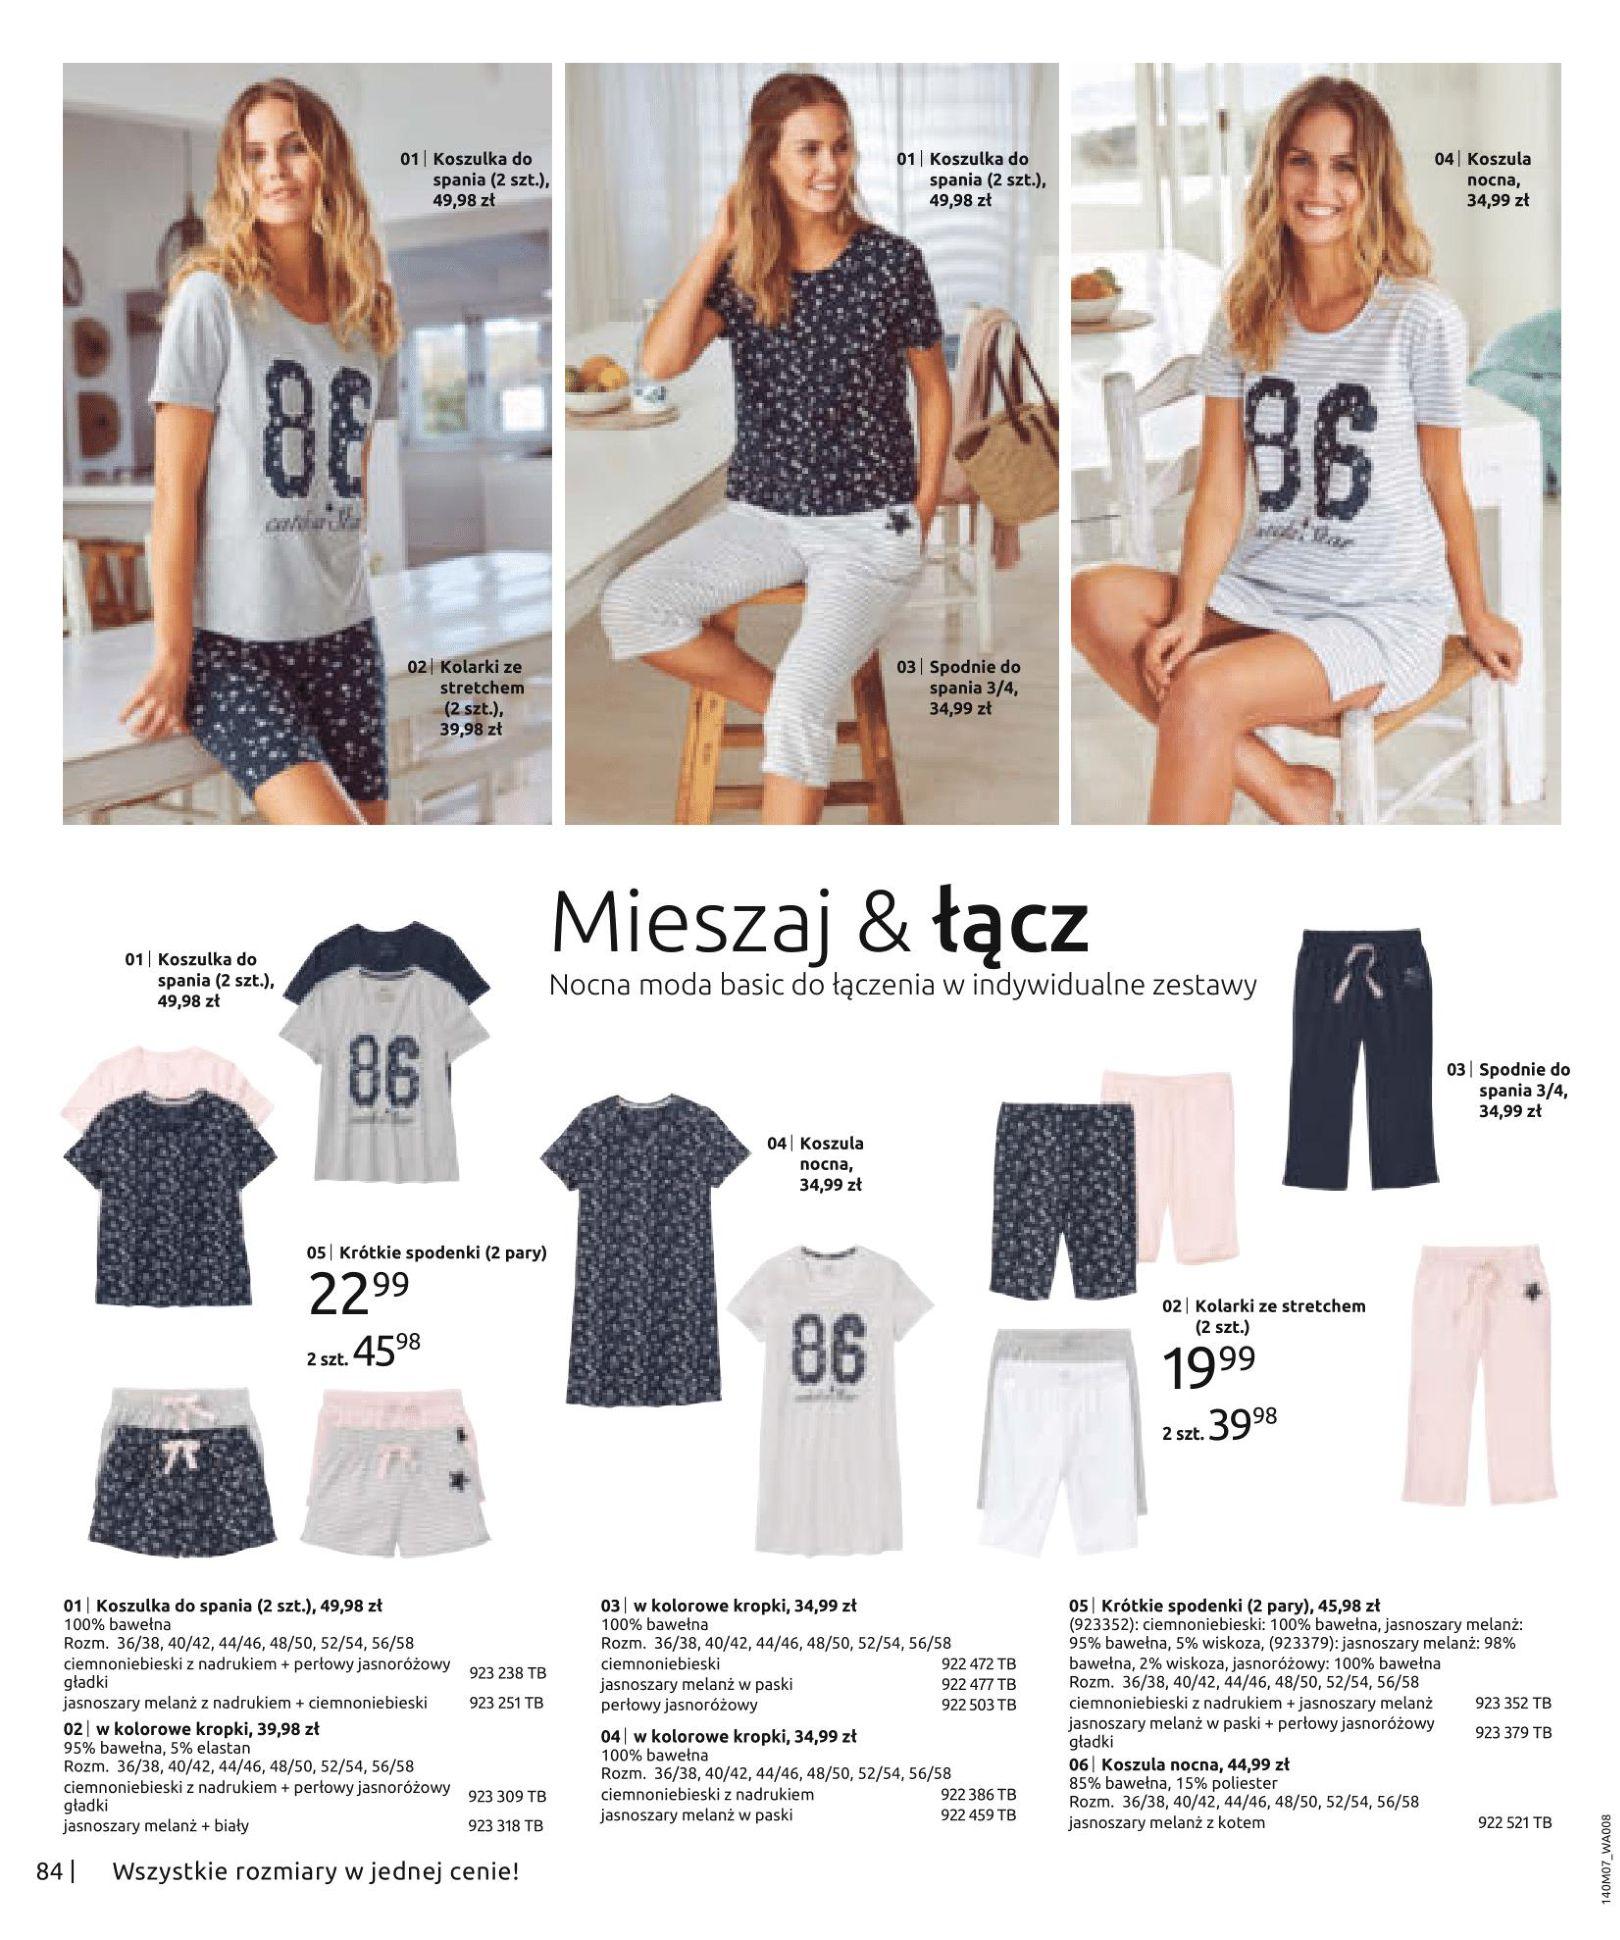 Gazetka Bonprix - Summer Update-02.07.2019-01.01.2020-page-86